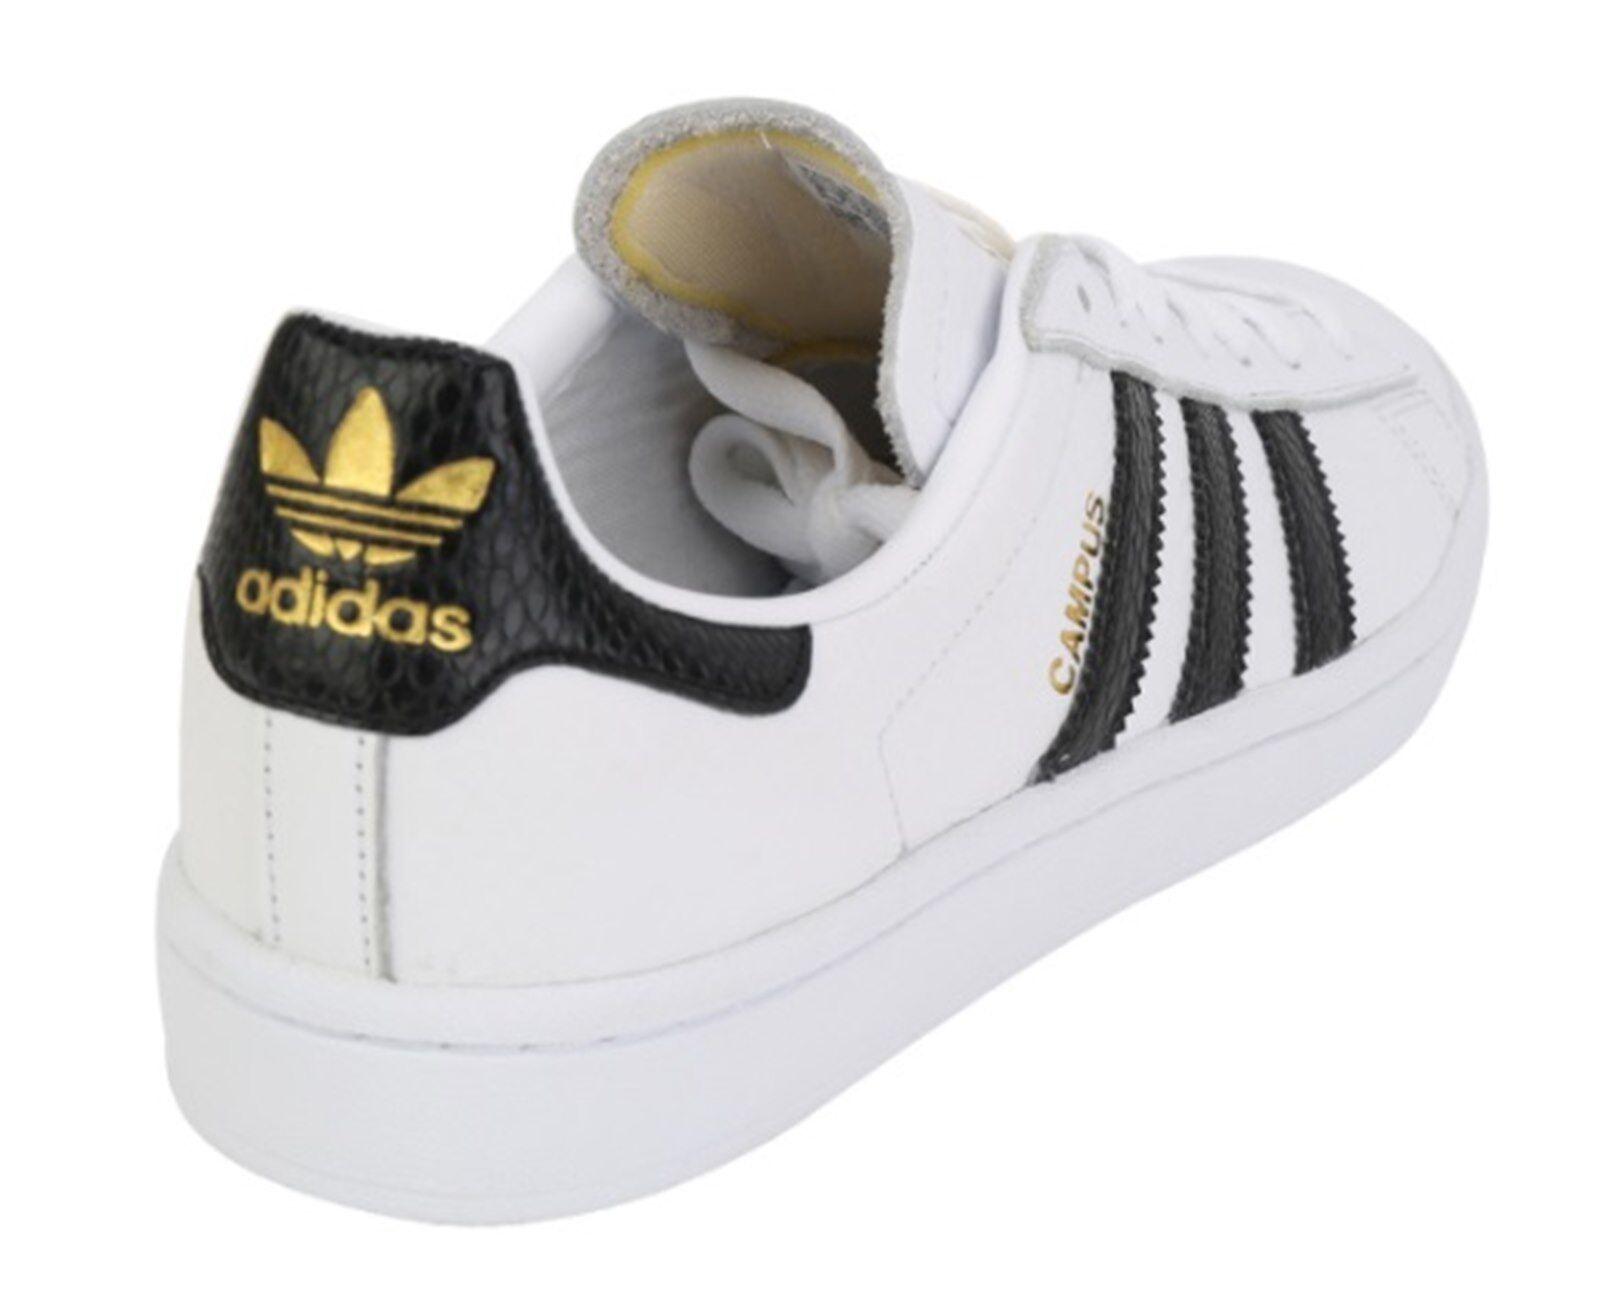 Adidas Men Originals Camus Training schuhe Running Weiß Turnschuhe schuhe schuhe schuhe CQ2074 e31038